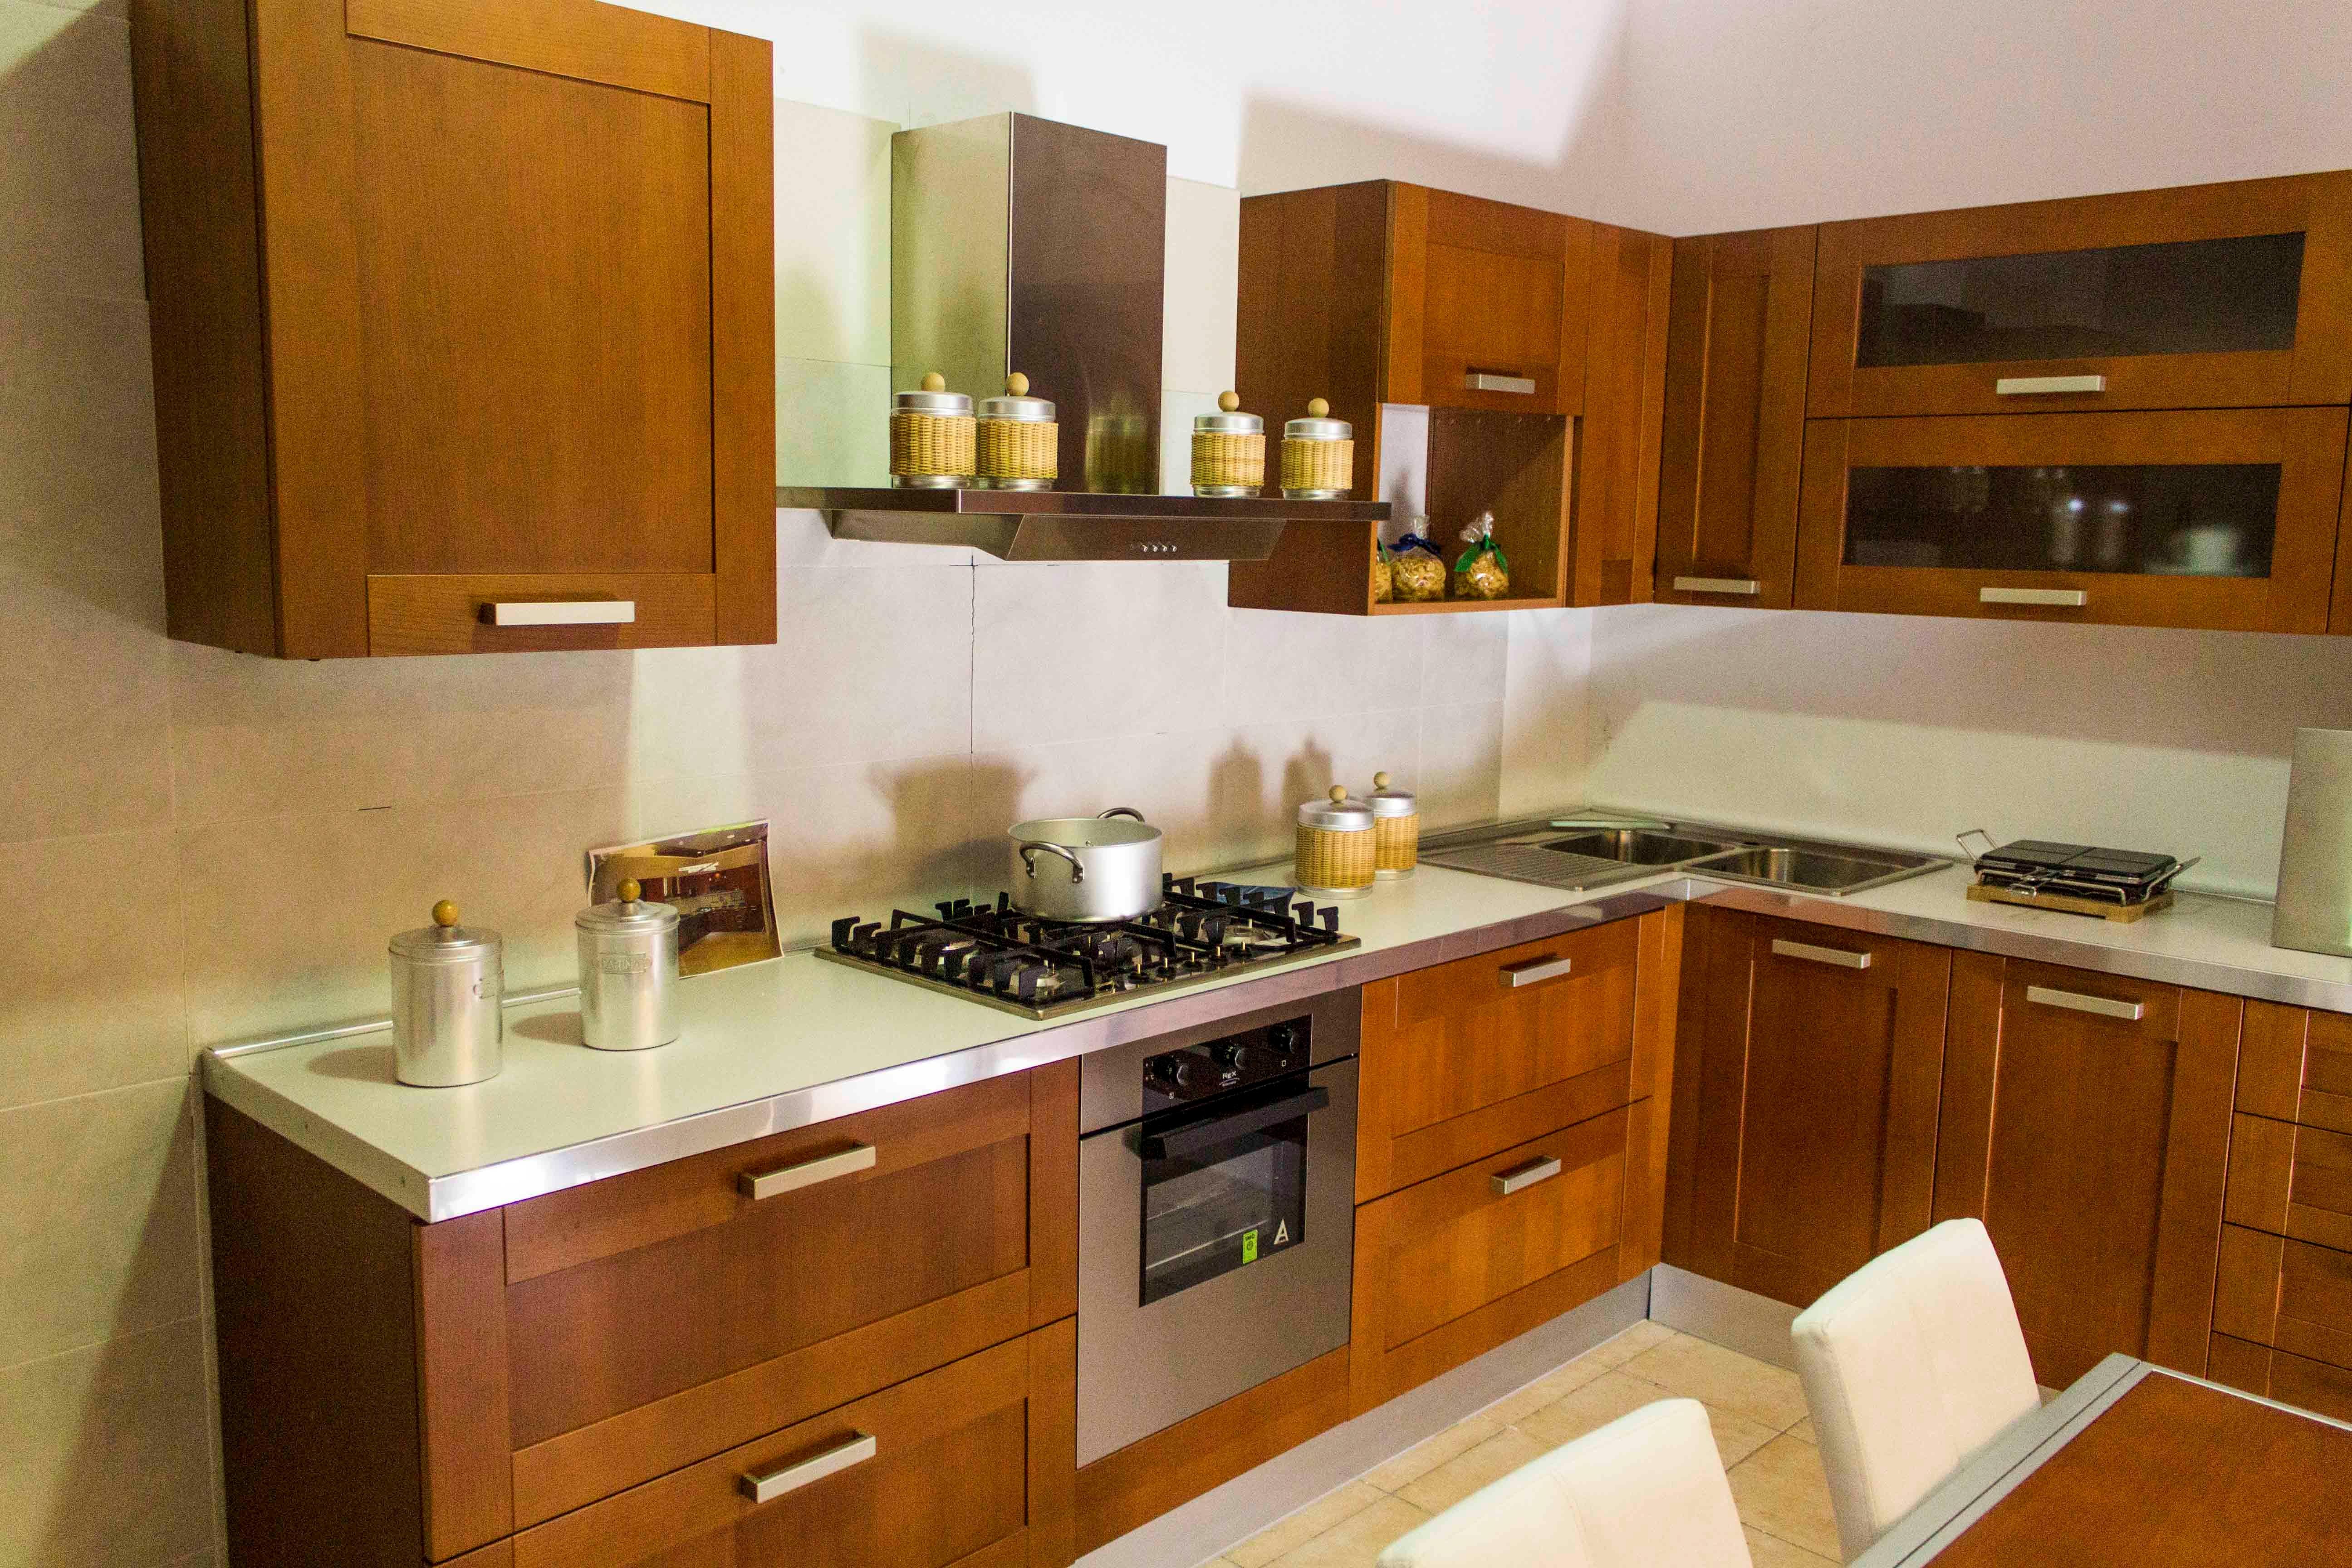 Veneta cucine cucina california colore ciliegio scontato - Cucine ciliegio moderne ...